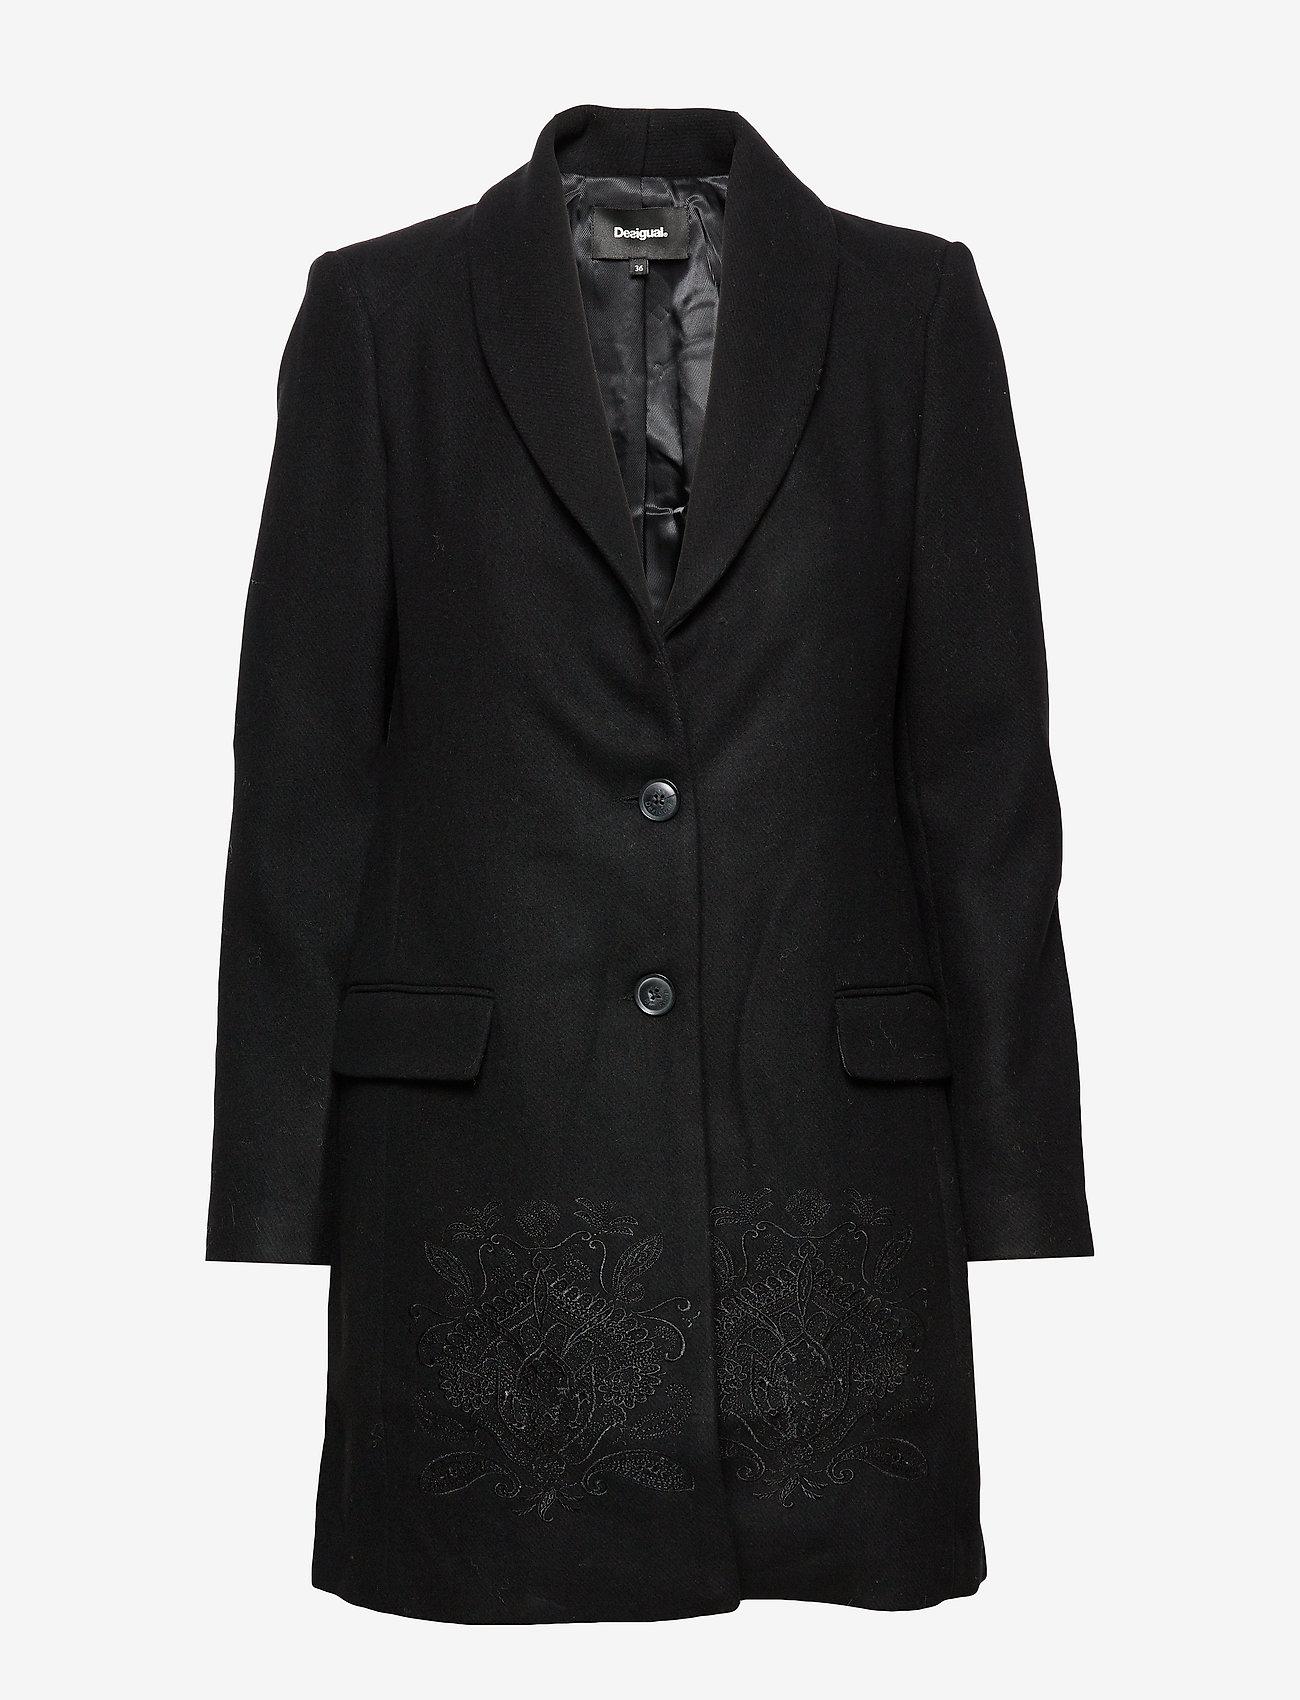 Desigual - ABRIG RAMAL - wełniane płaszcze - negro - 0